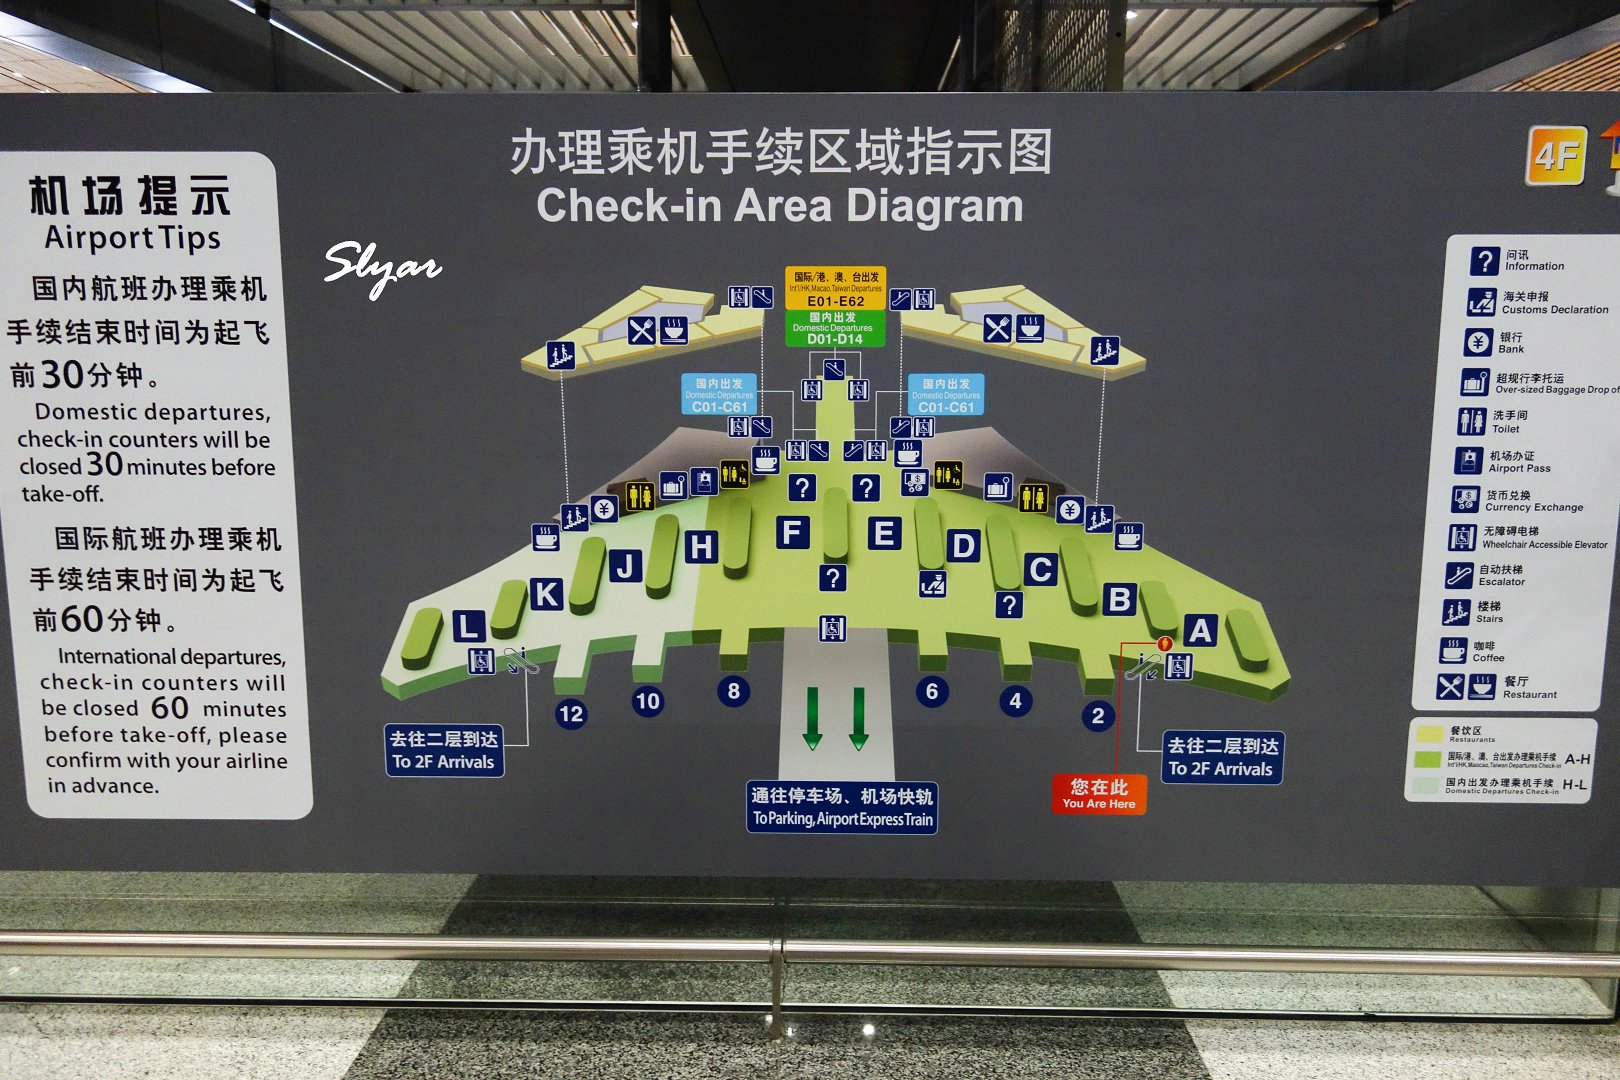 第N+1次首都机场(PEK)T3航站楼闲逛